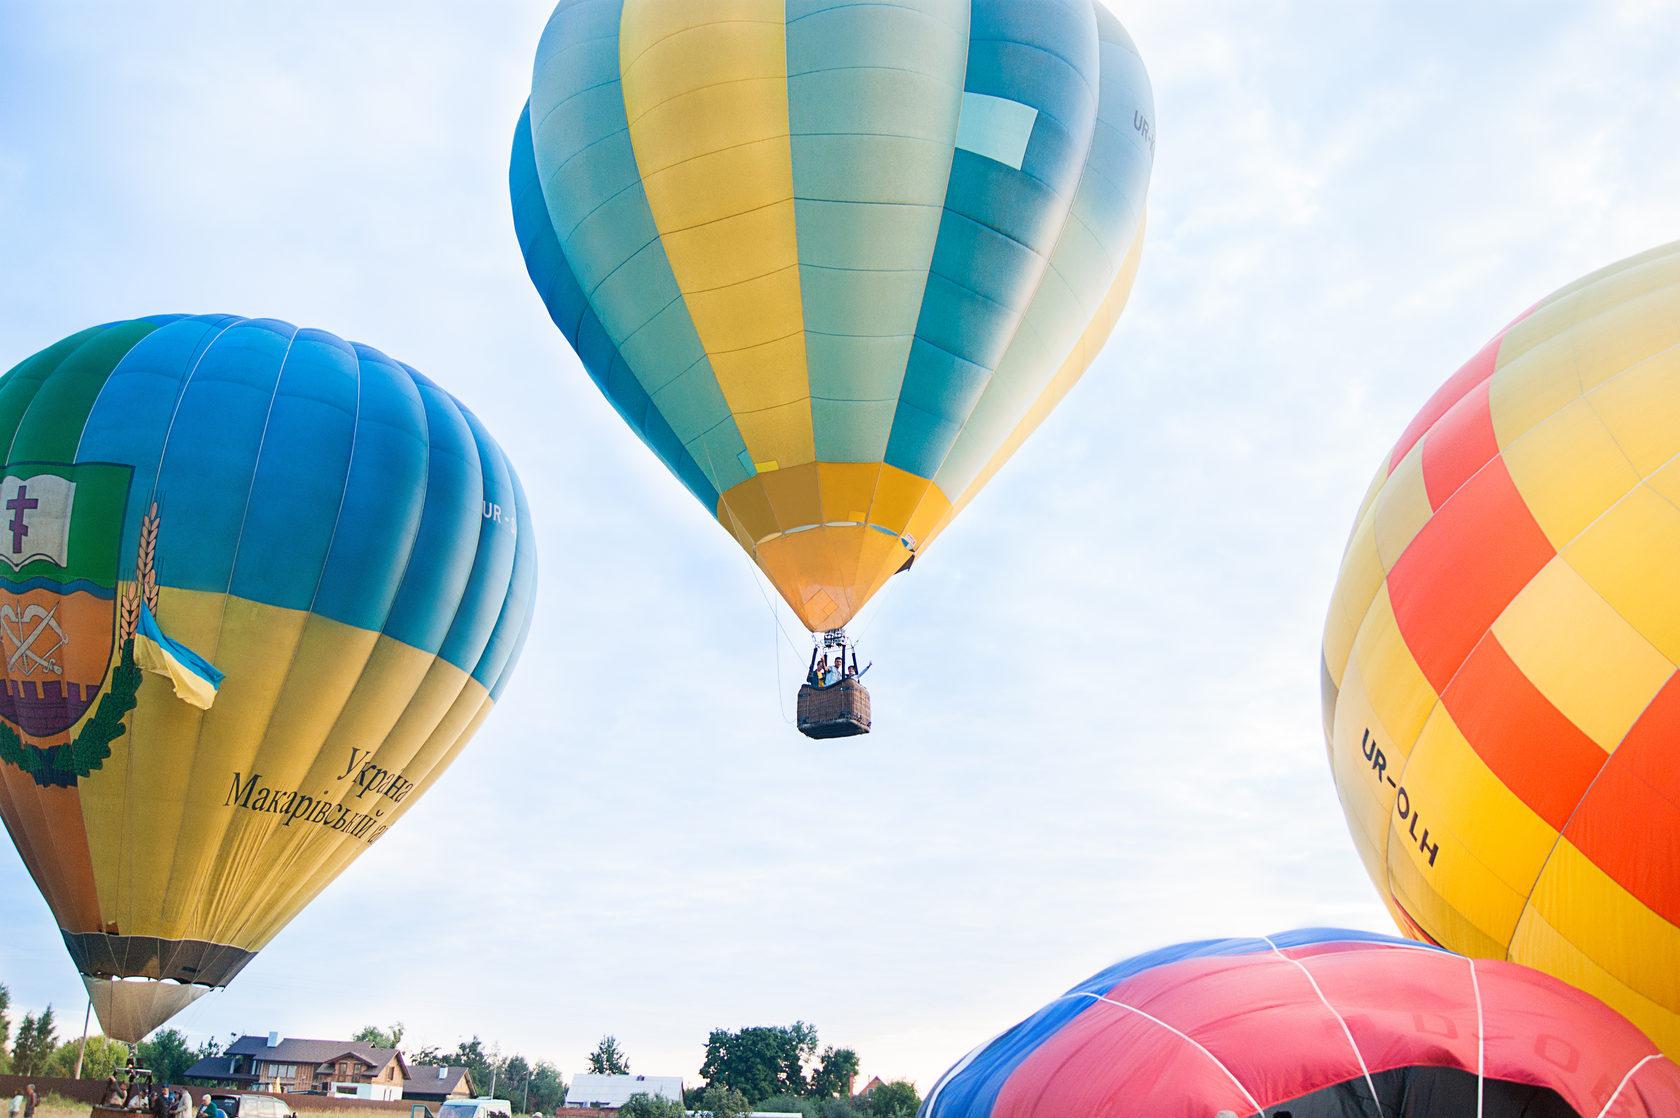 20 величезних повітряних куль піднімуться у небо під Києвом - фестиваль повітряних куль - 27 kuly3